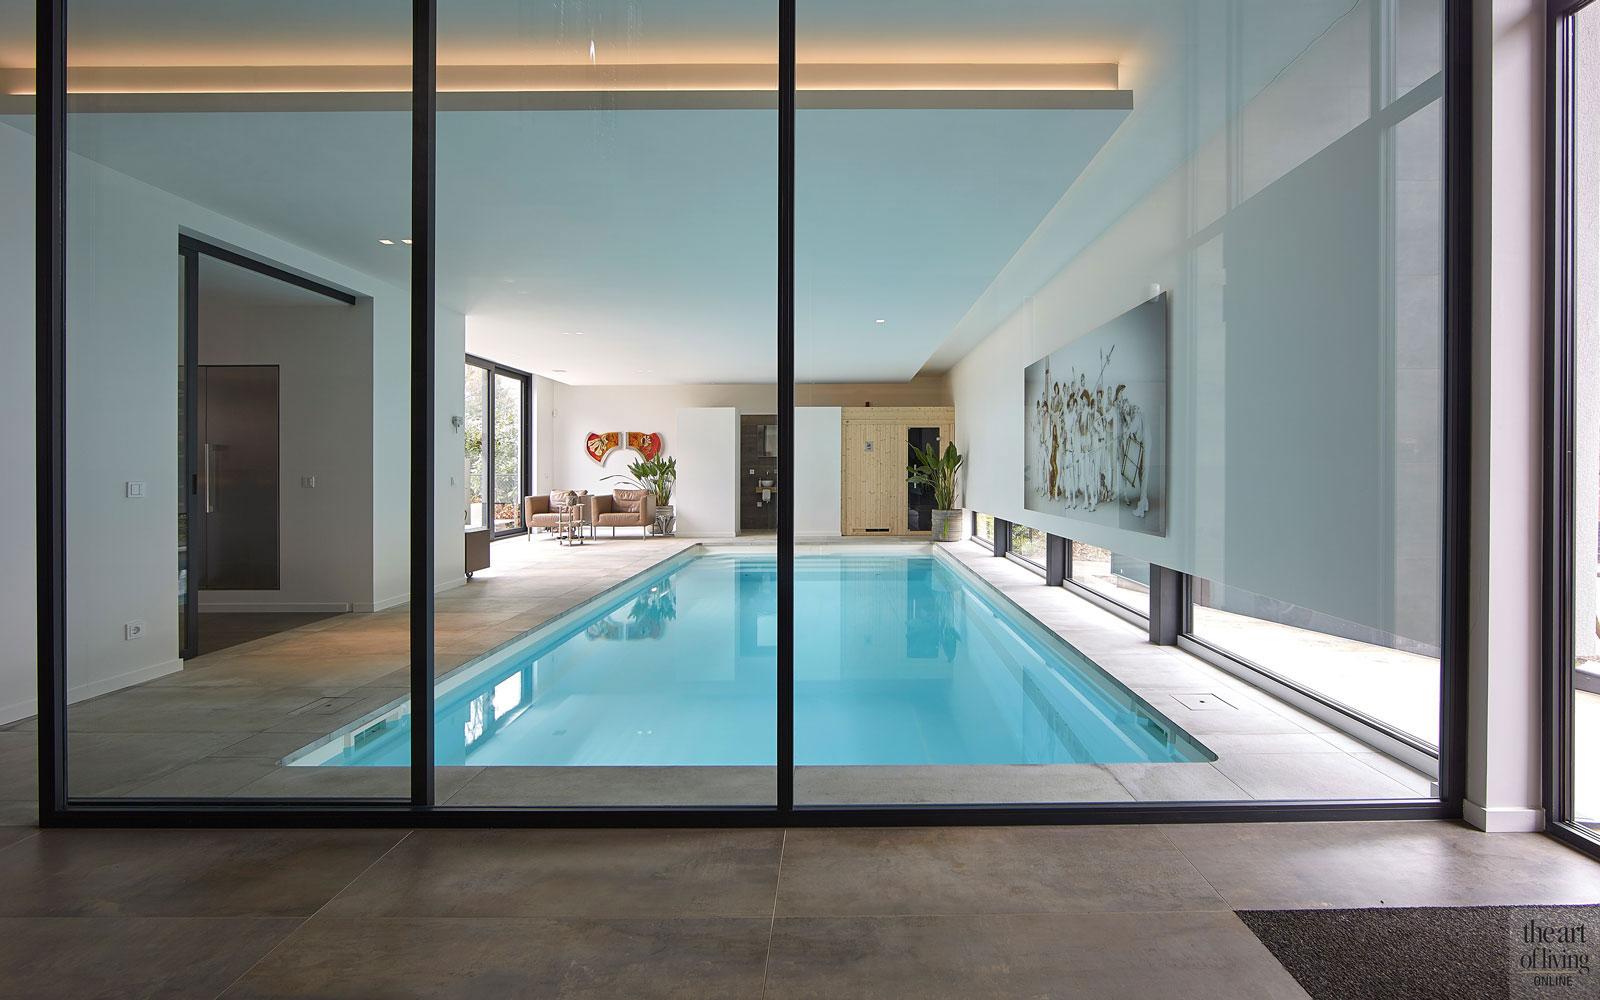 Zwembad, Zwembaden, Pool, Pools, zwembadontwerp, Moderne droomwoning, Leenders Architecten & Ingenieurs, The Art of Living